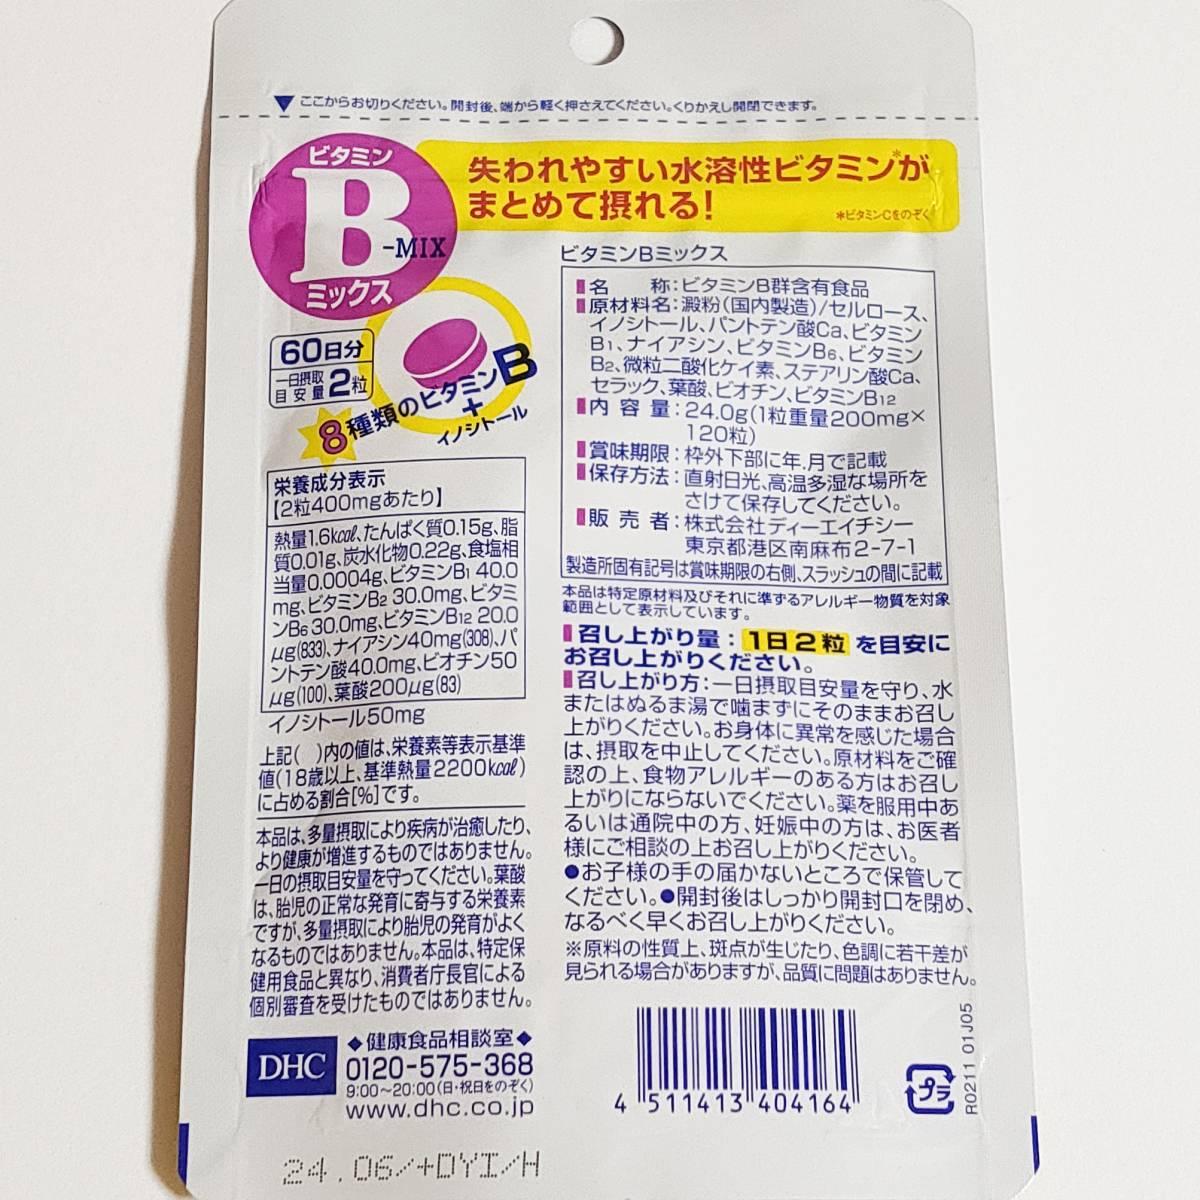 【DHC サプリメント】ビタミンBミックス 180日分(60日分×3袋) ビタミンB群 ナイアシン ビオチン 葉酸 サプリ 健康食品 未開封 送料無料_画像2